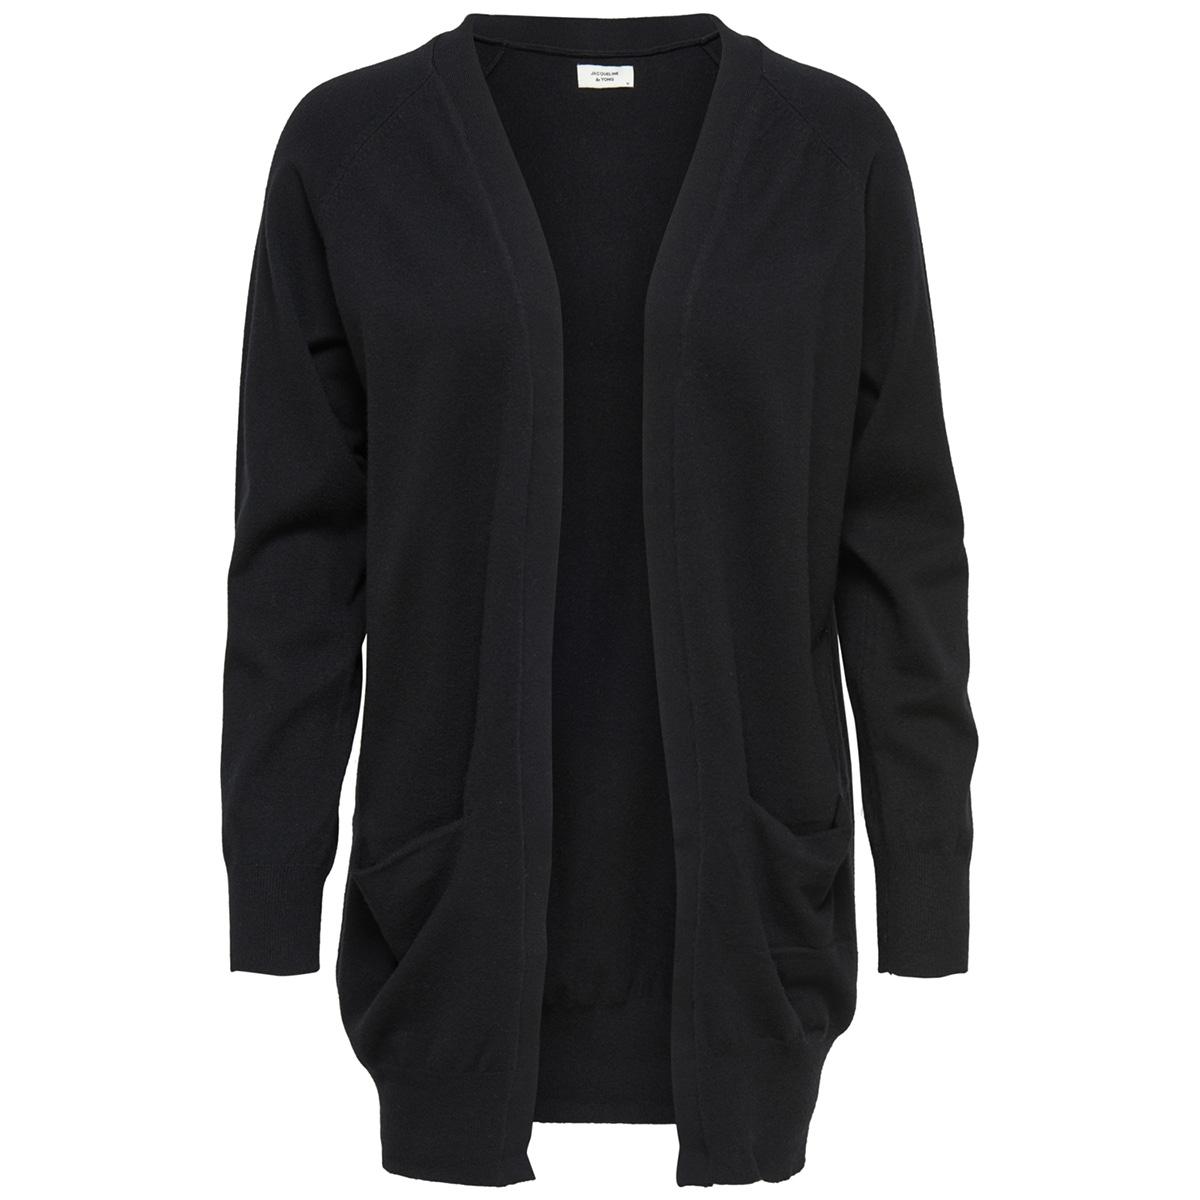 jdyday l/s noos cardigan knt 15154643 jacqueline de yong vest black